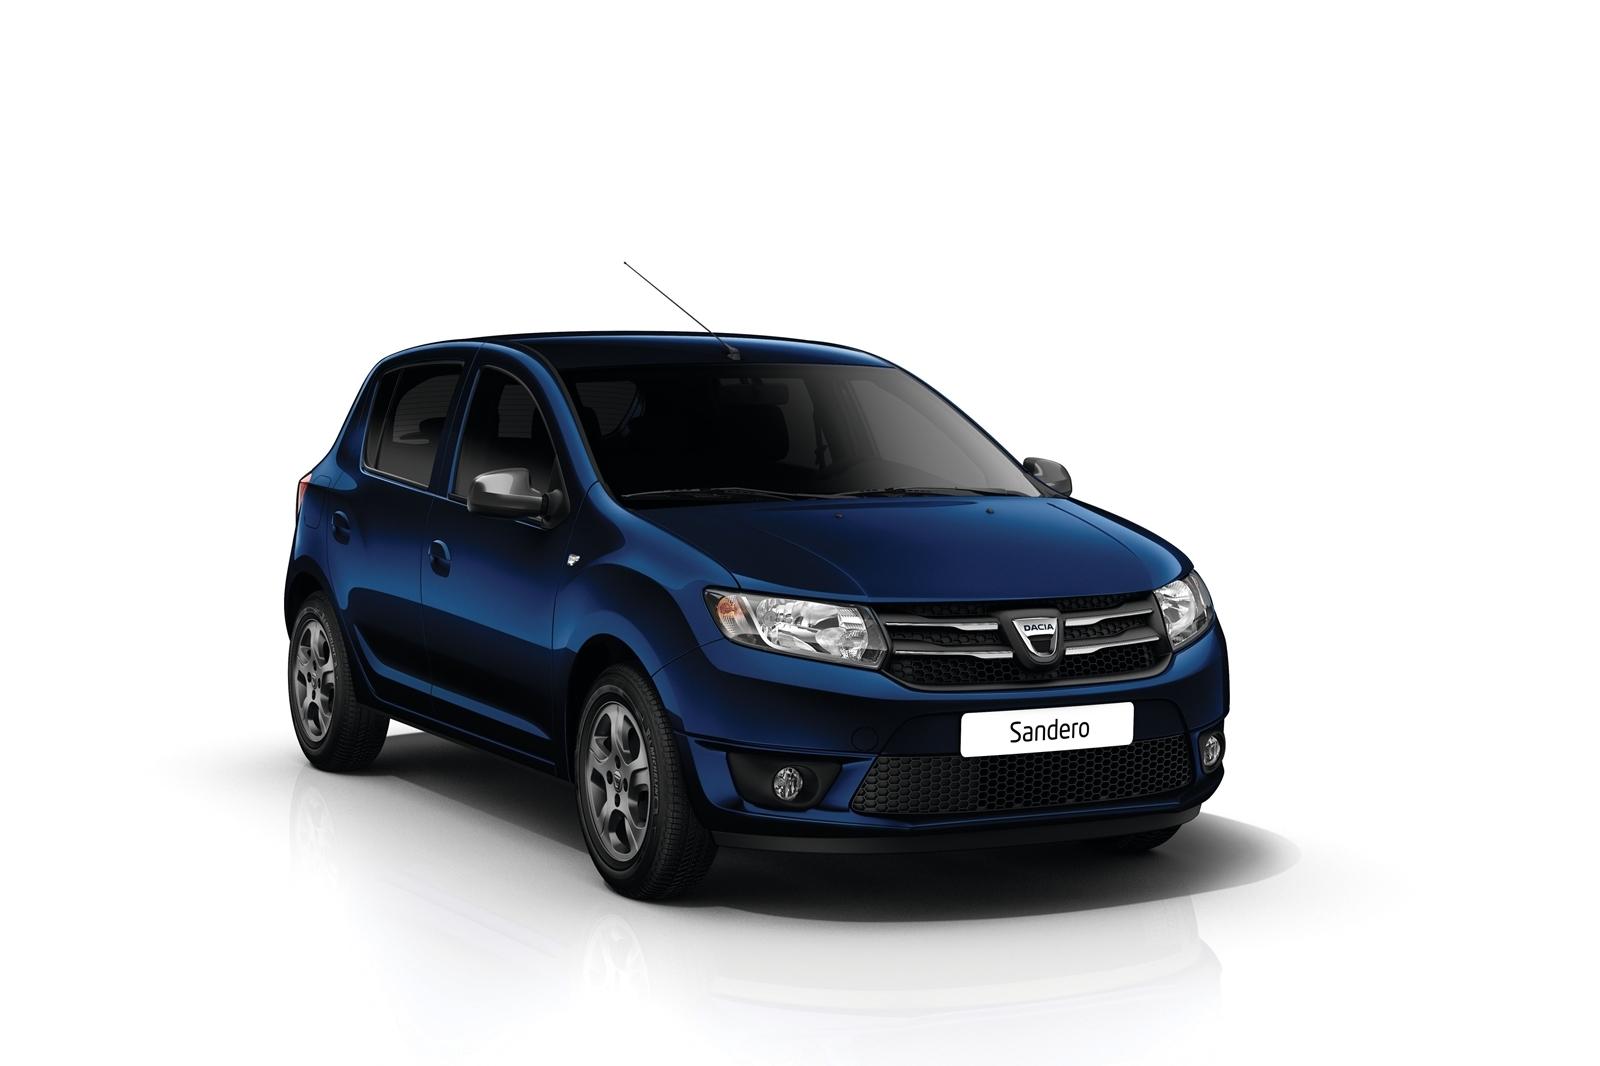 Dacia Sandero 0119 Ficha 003